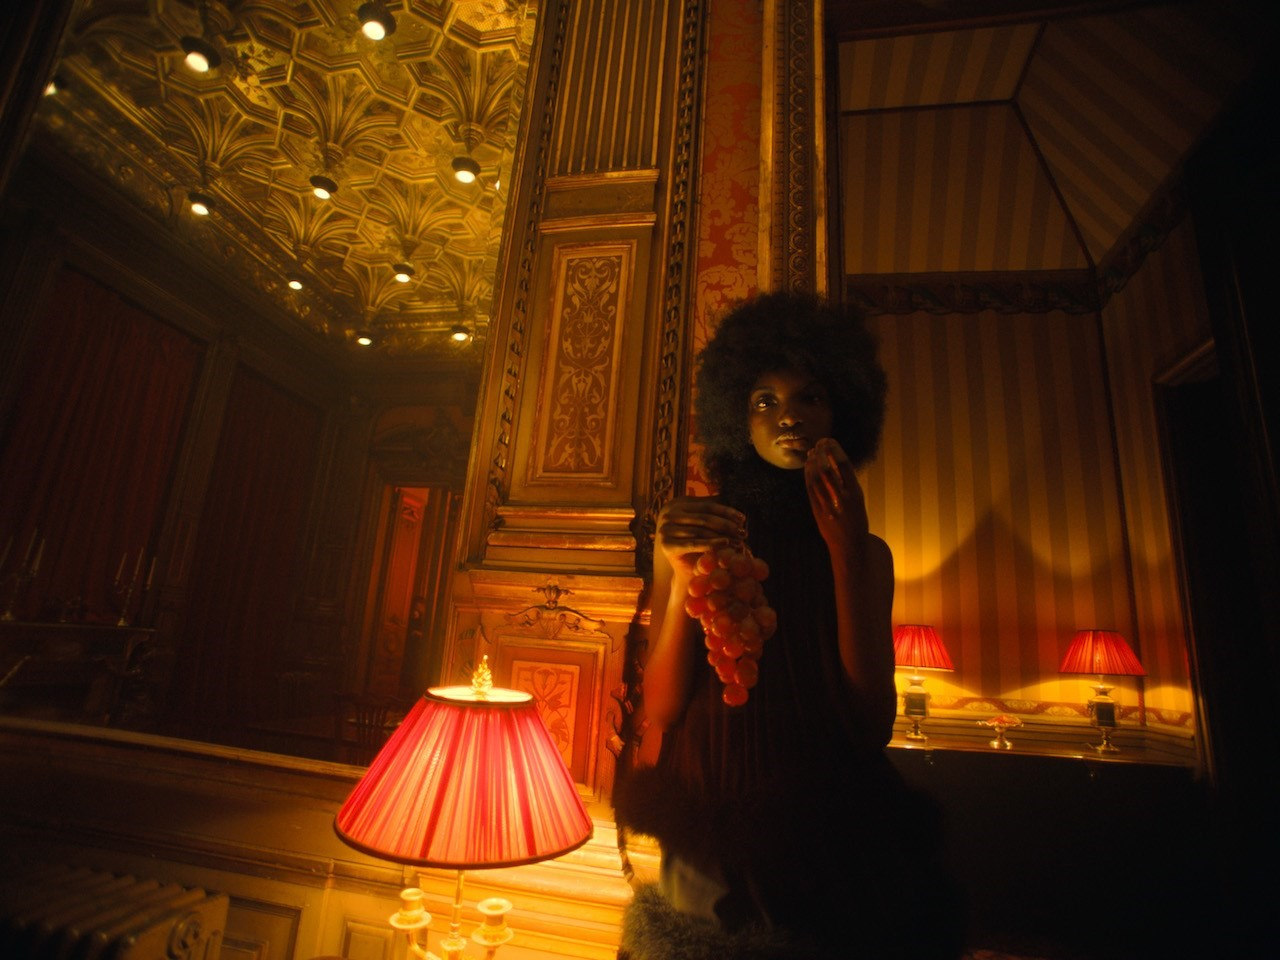 Gaspar Noé se inspira en el giallo de Argento para un corto de Saint Laurent entre el terror y el placer